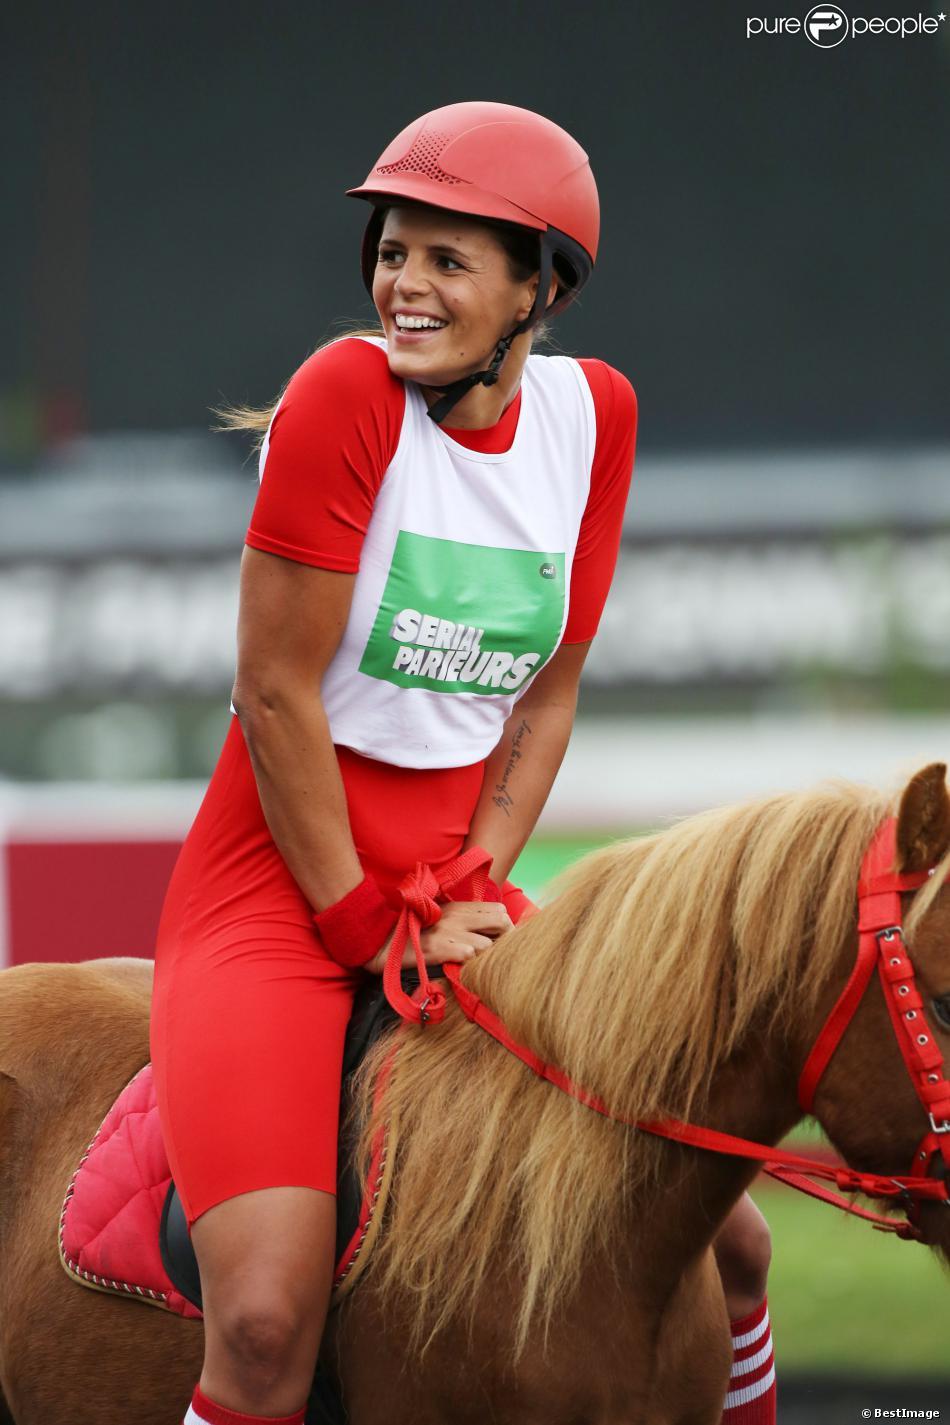 Laure Manaudou, parée pour la course Le Triomphe des Stars, organisée par le PMU et son opération Serial Parieurs, le 12 septembre 2013 à Paris